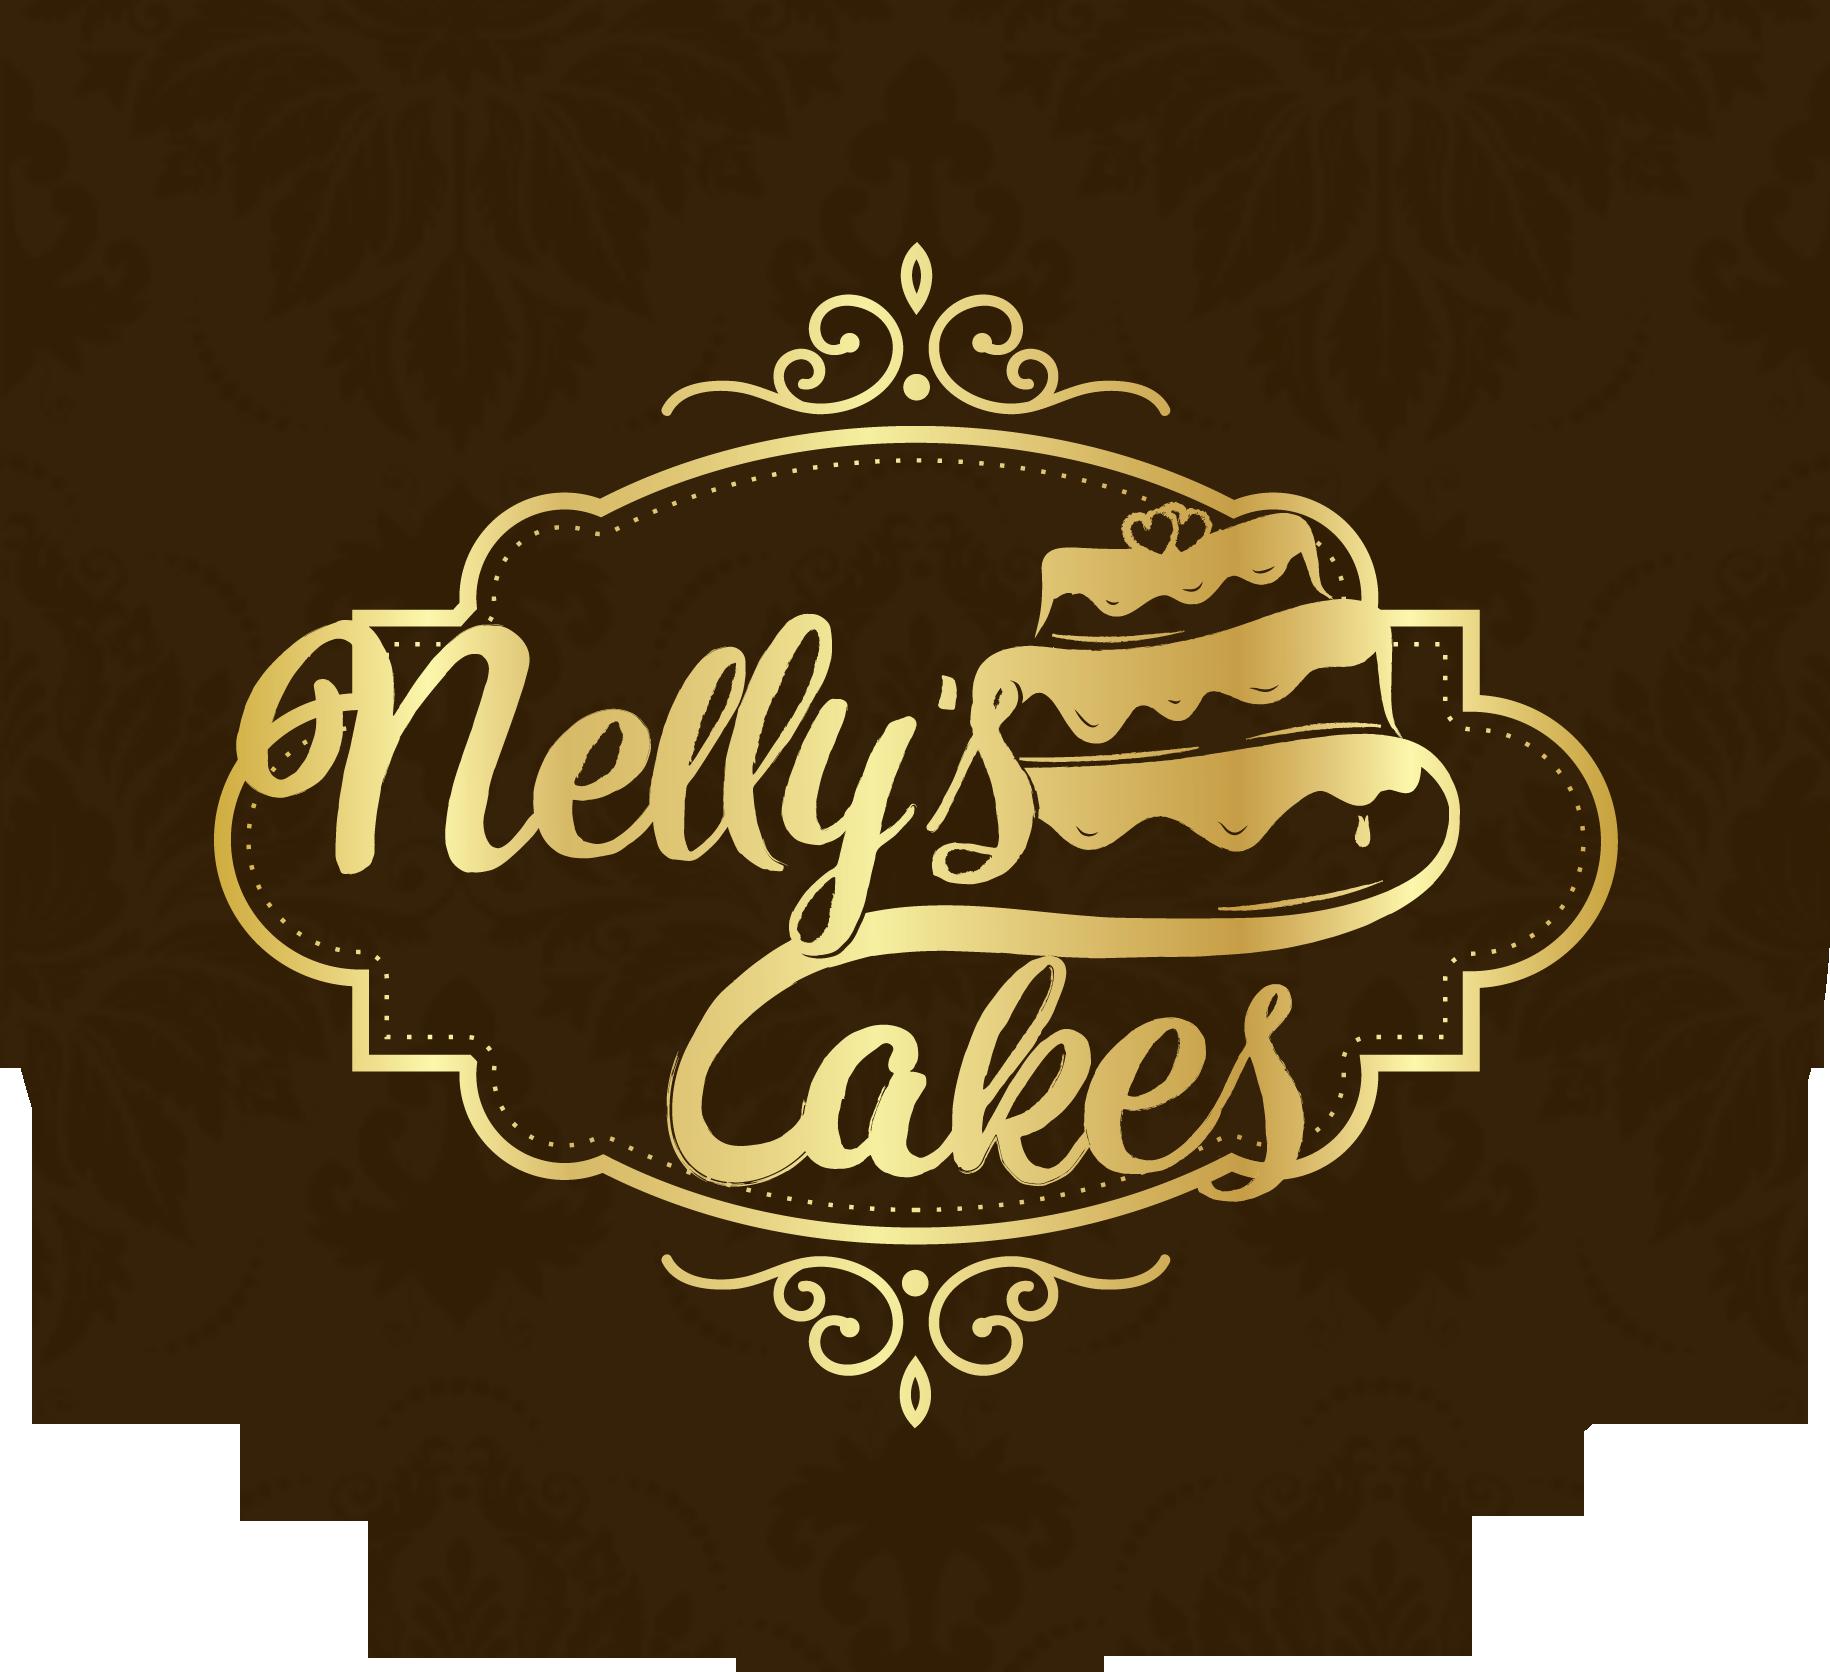 Nellys Cakes